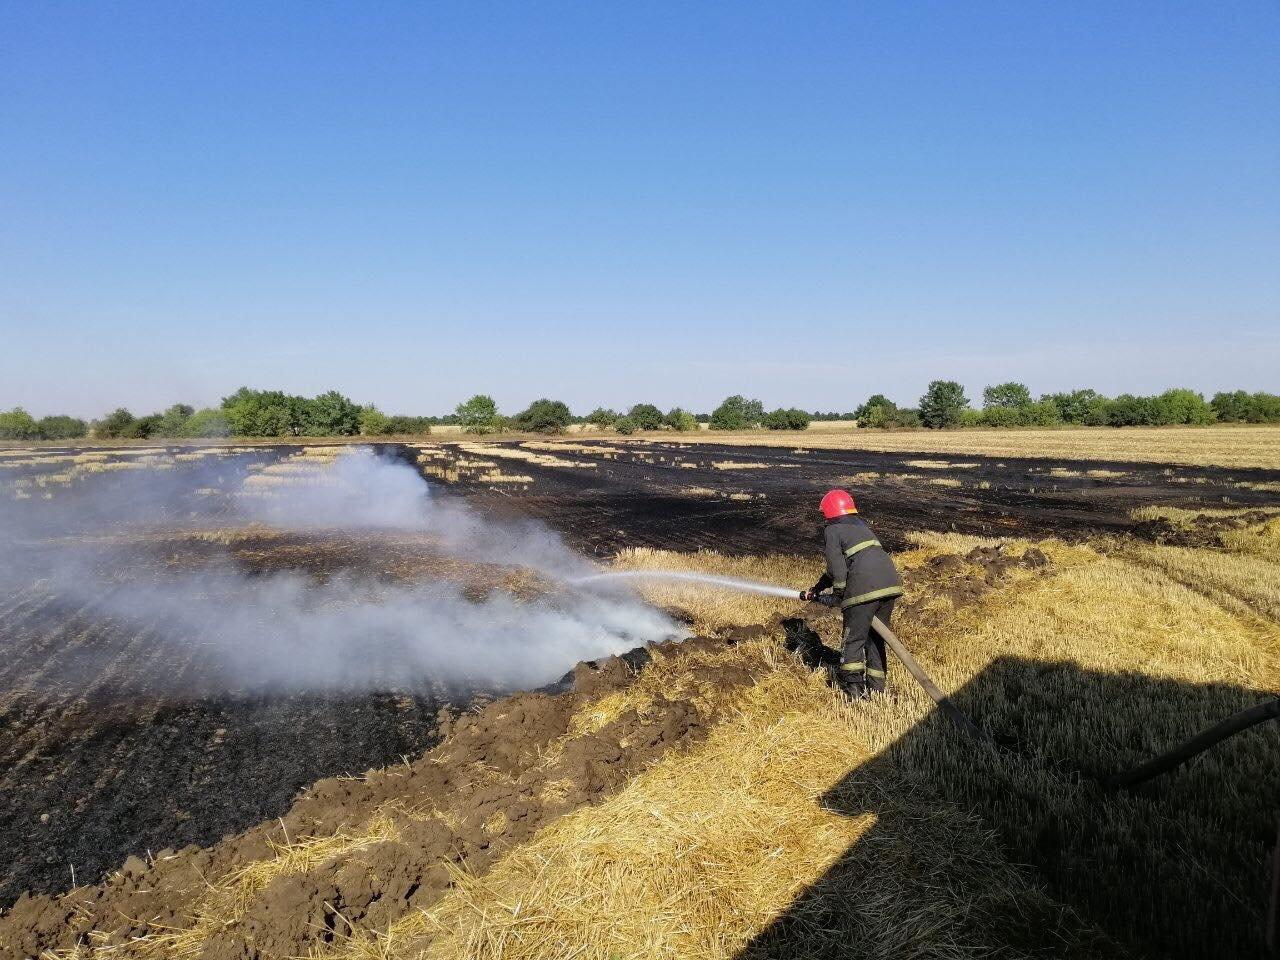 На Николаевщине выгорело более 15 га сухостоя и питательных остатков, - ФОТО, фото-1